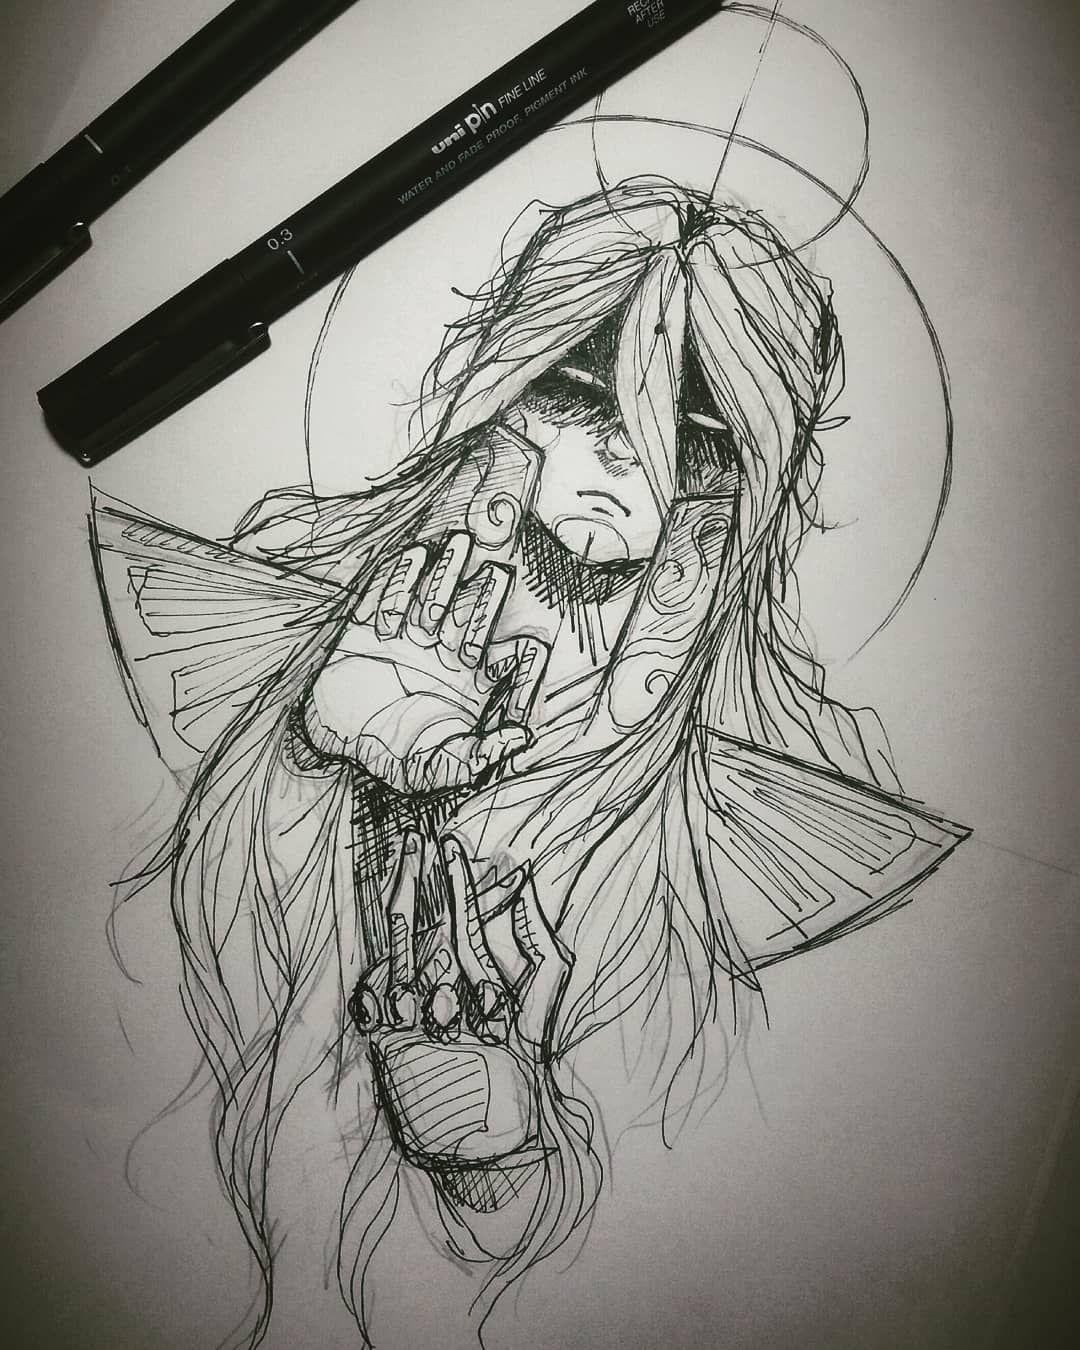 Virgo Shaka Sketchtattoo Illustration Blackillustration